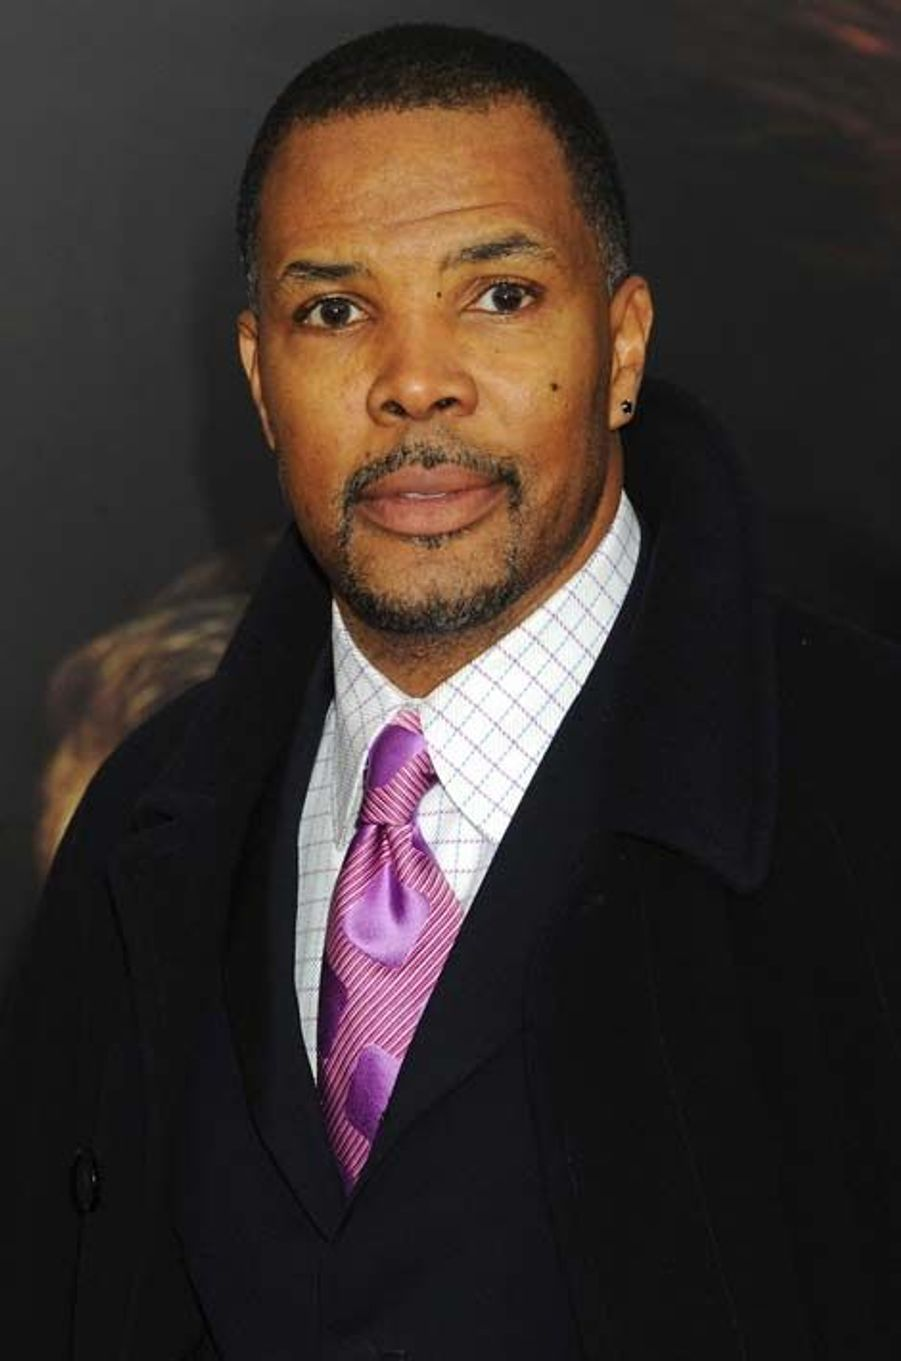 Dr. Peter Benton (Eriq La Salle)